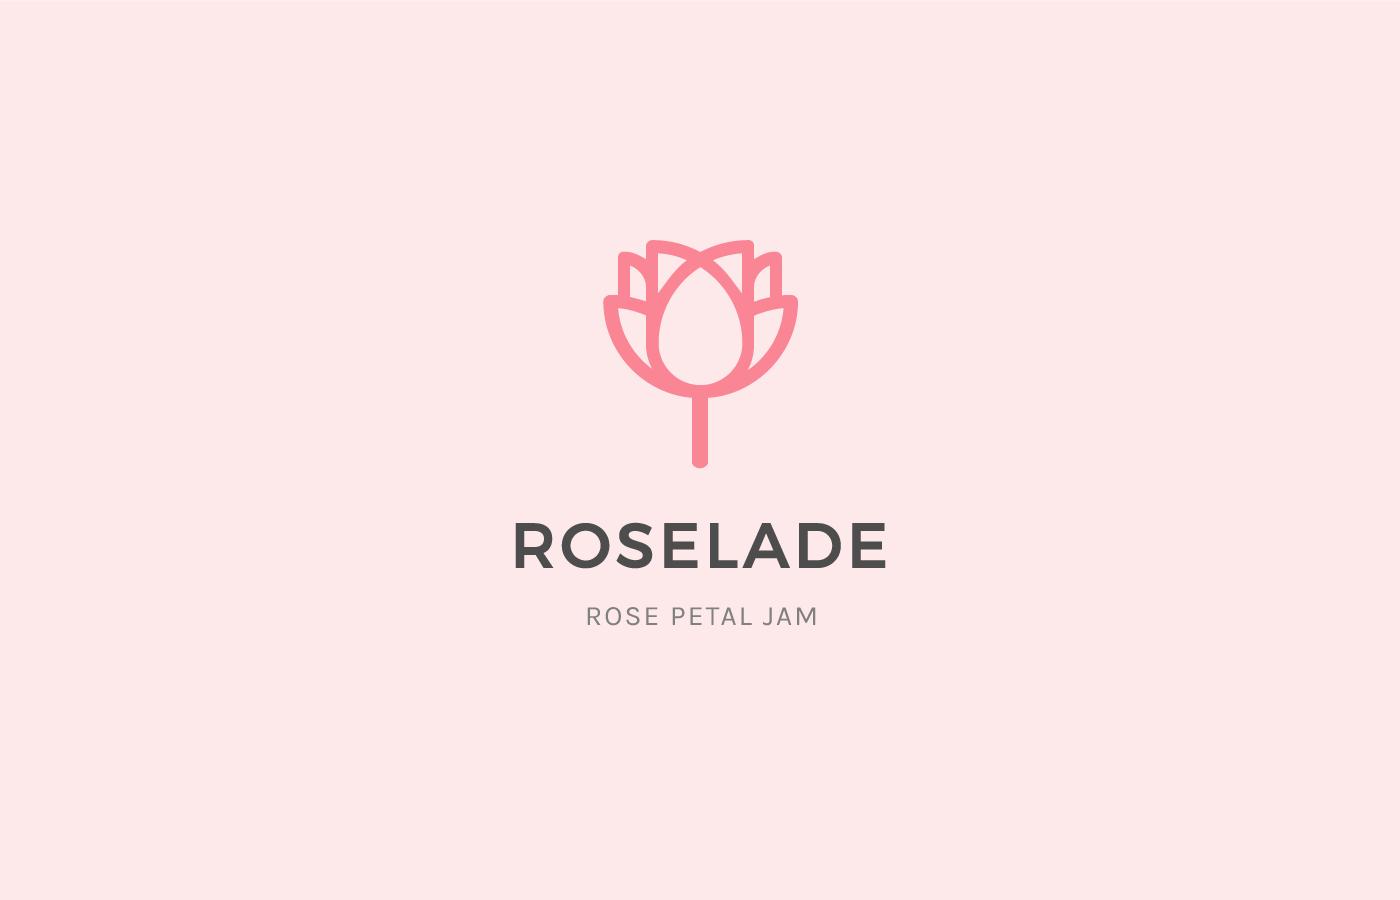 ローズジャムの商品ロゴ